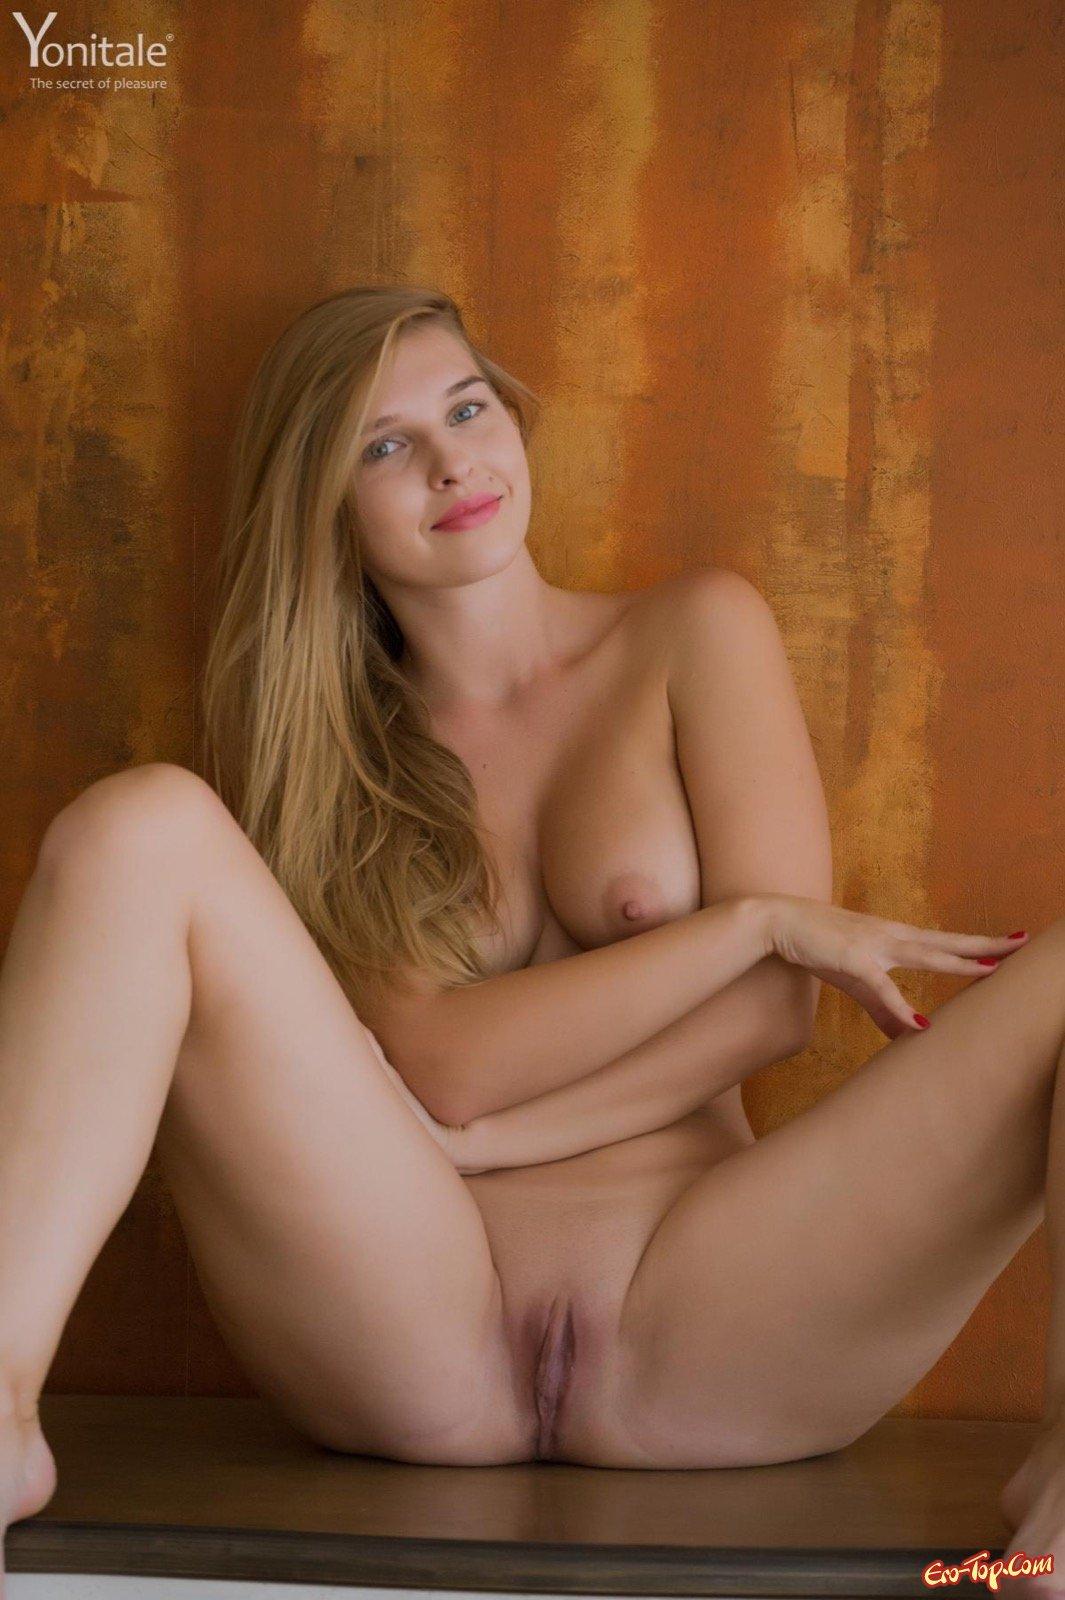 Блондиночка с упругими титьками показывает стриженную киску смотреть эротику